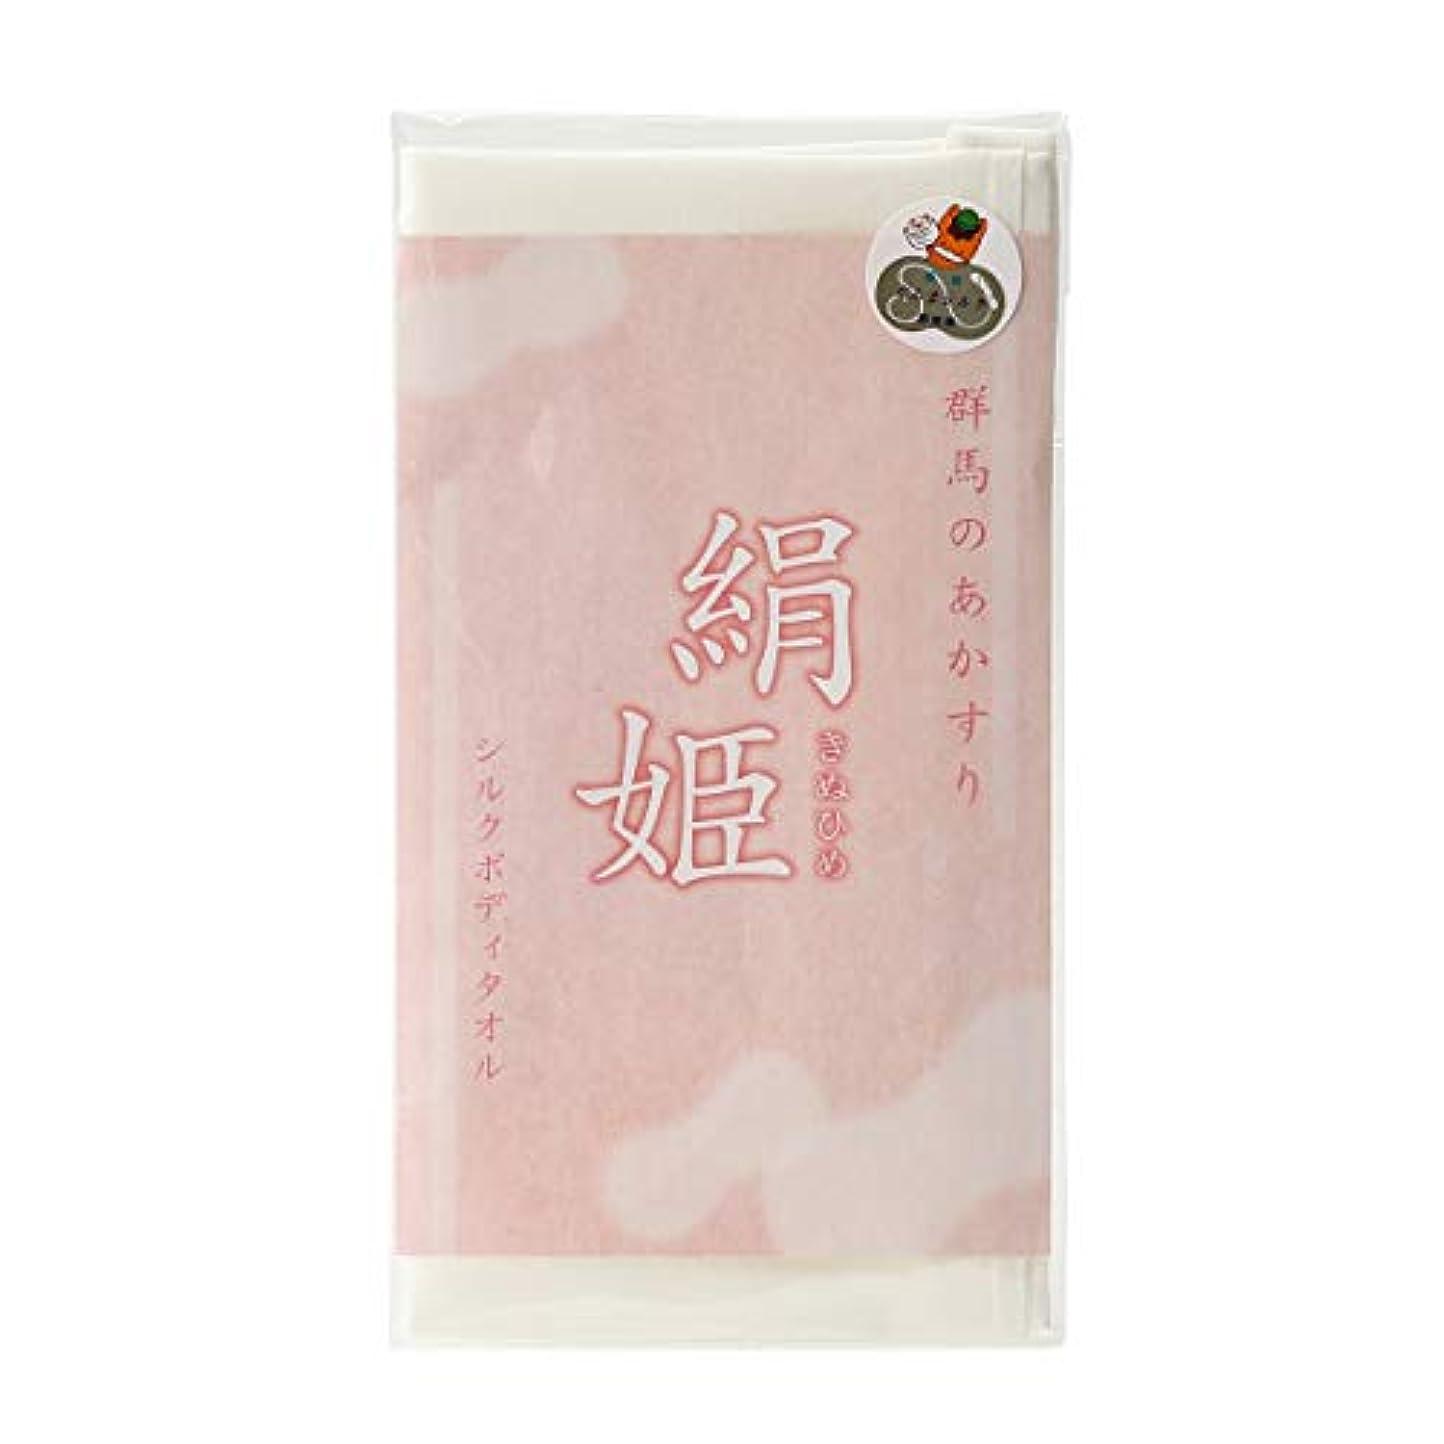 剃るコーチに変わる[ハッピーシルク ] 絹姫 (きぬひめ) ボディータオル シルクあかすり 00245